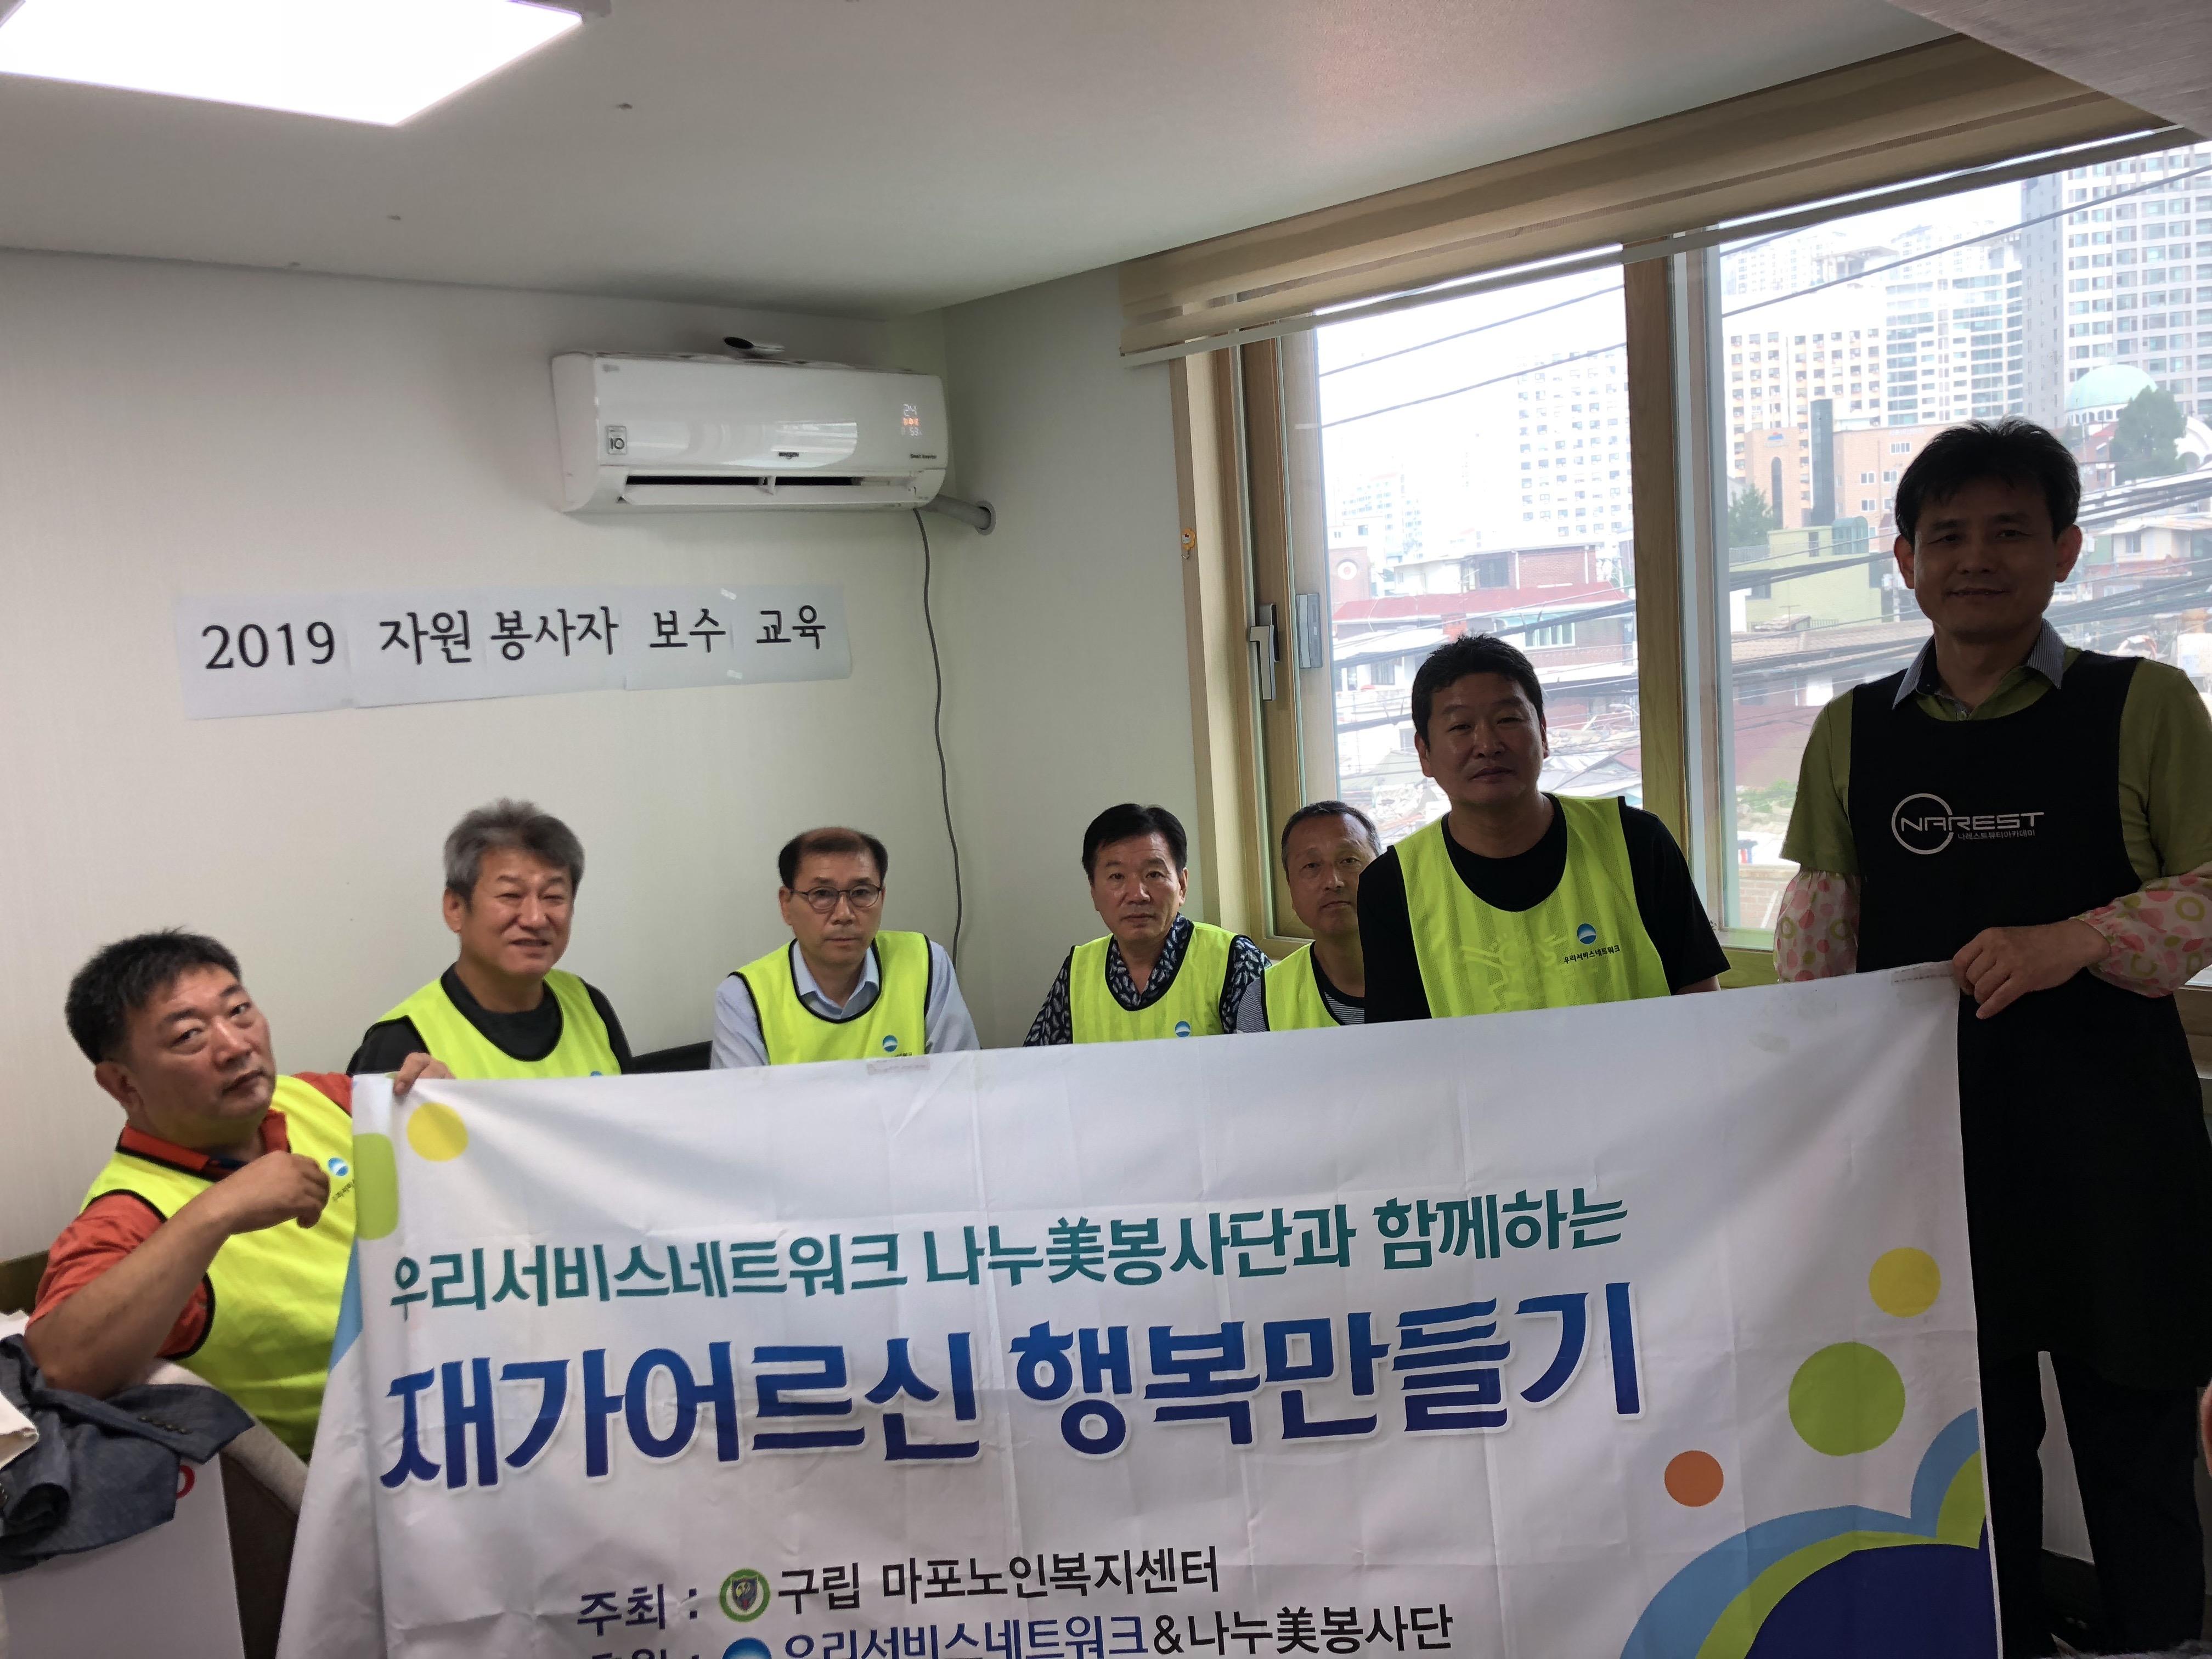 [재가지원]2019년 우리서비스네트워크 나누美봉사단과 함께하는 5차 재가어르신 행복만들기